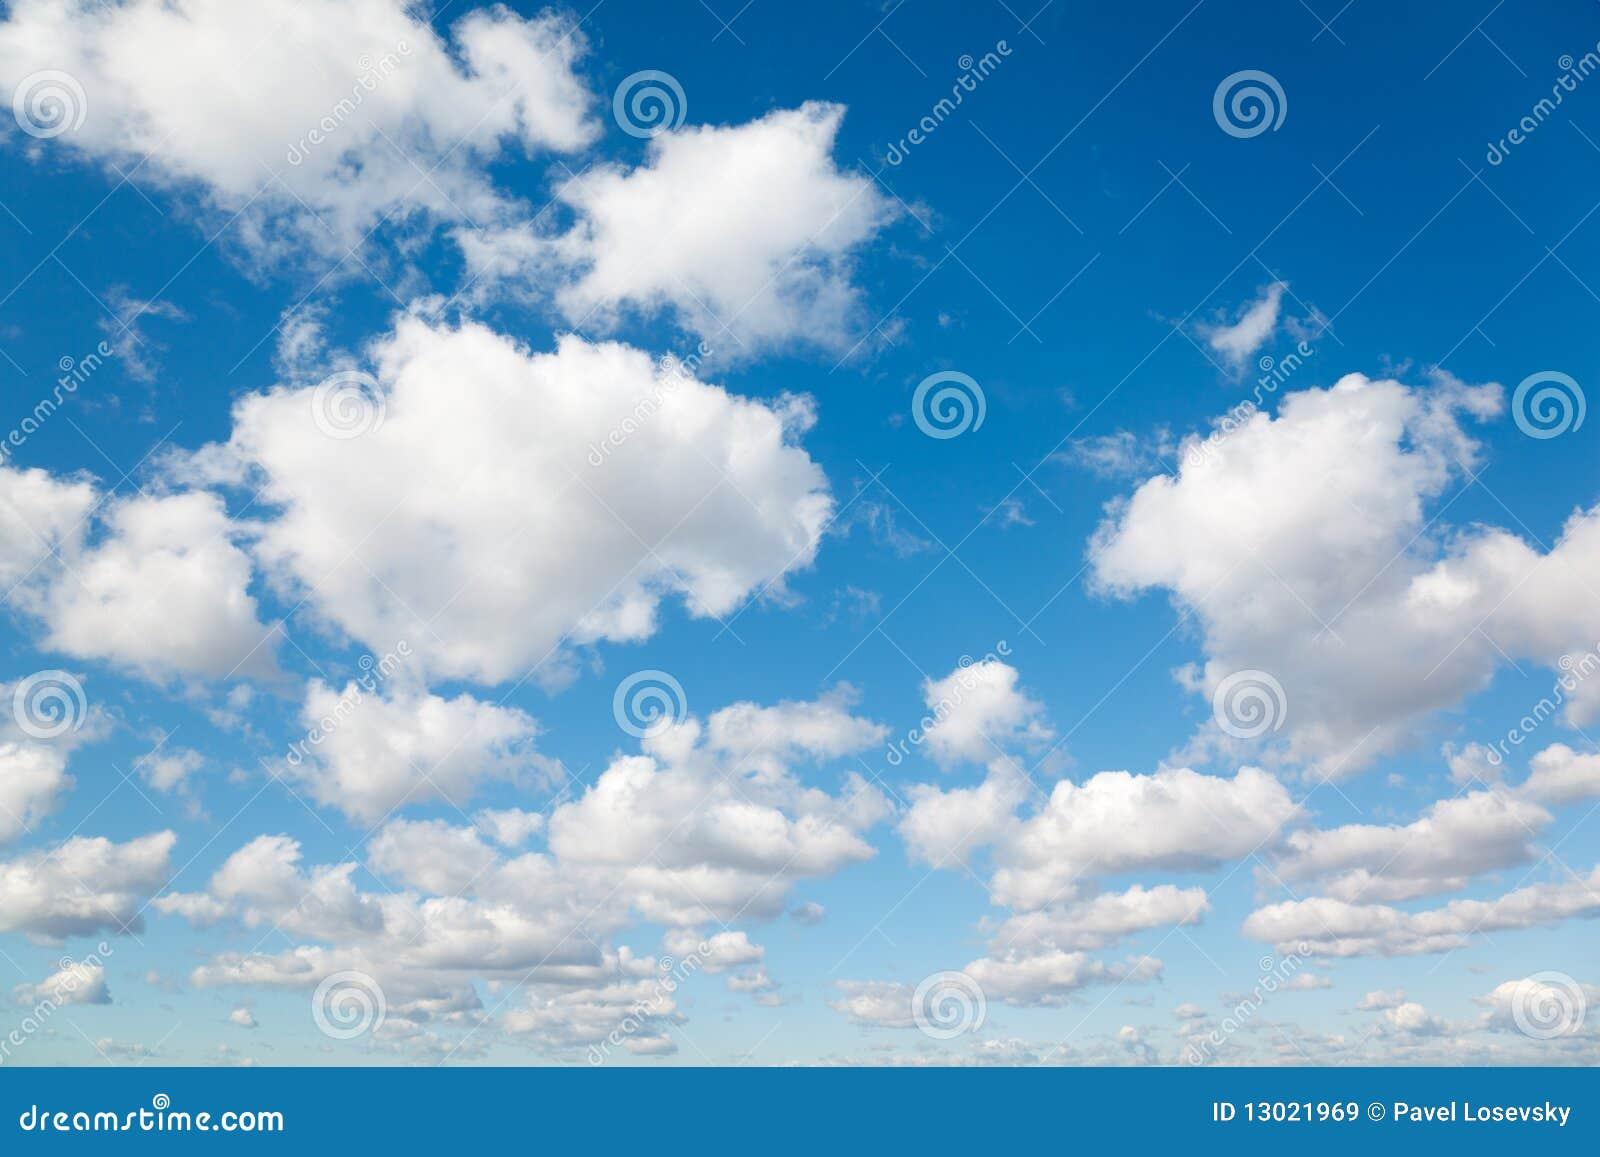 μπλε λευκό ουρανού σύνν&epsilo